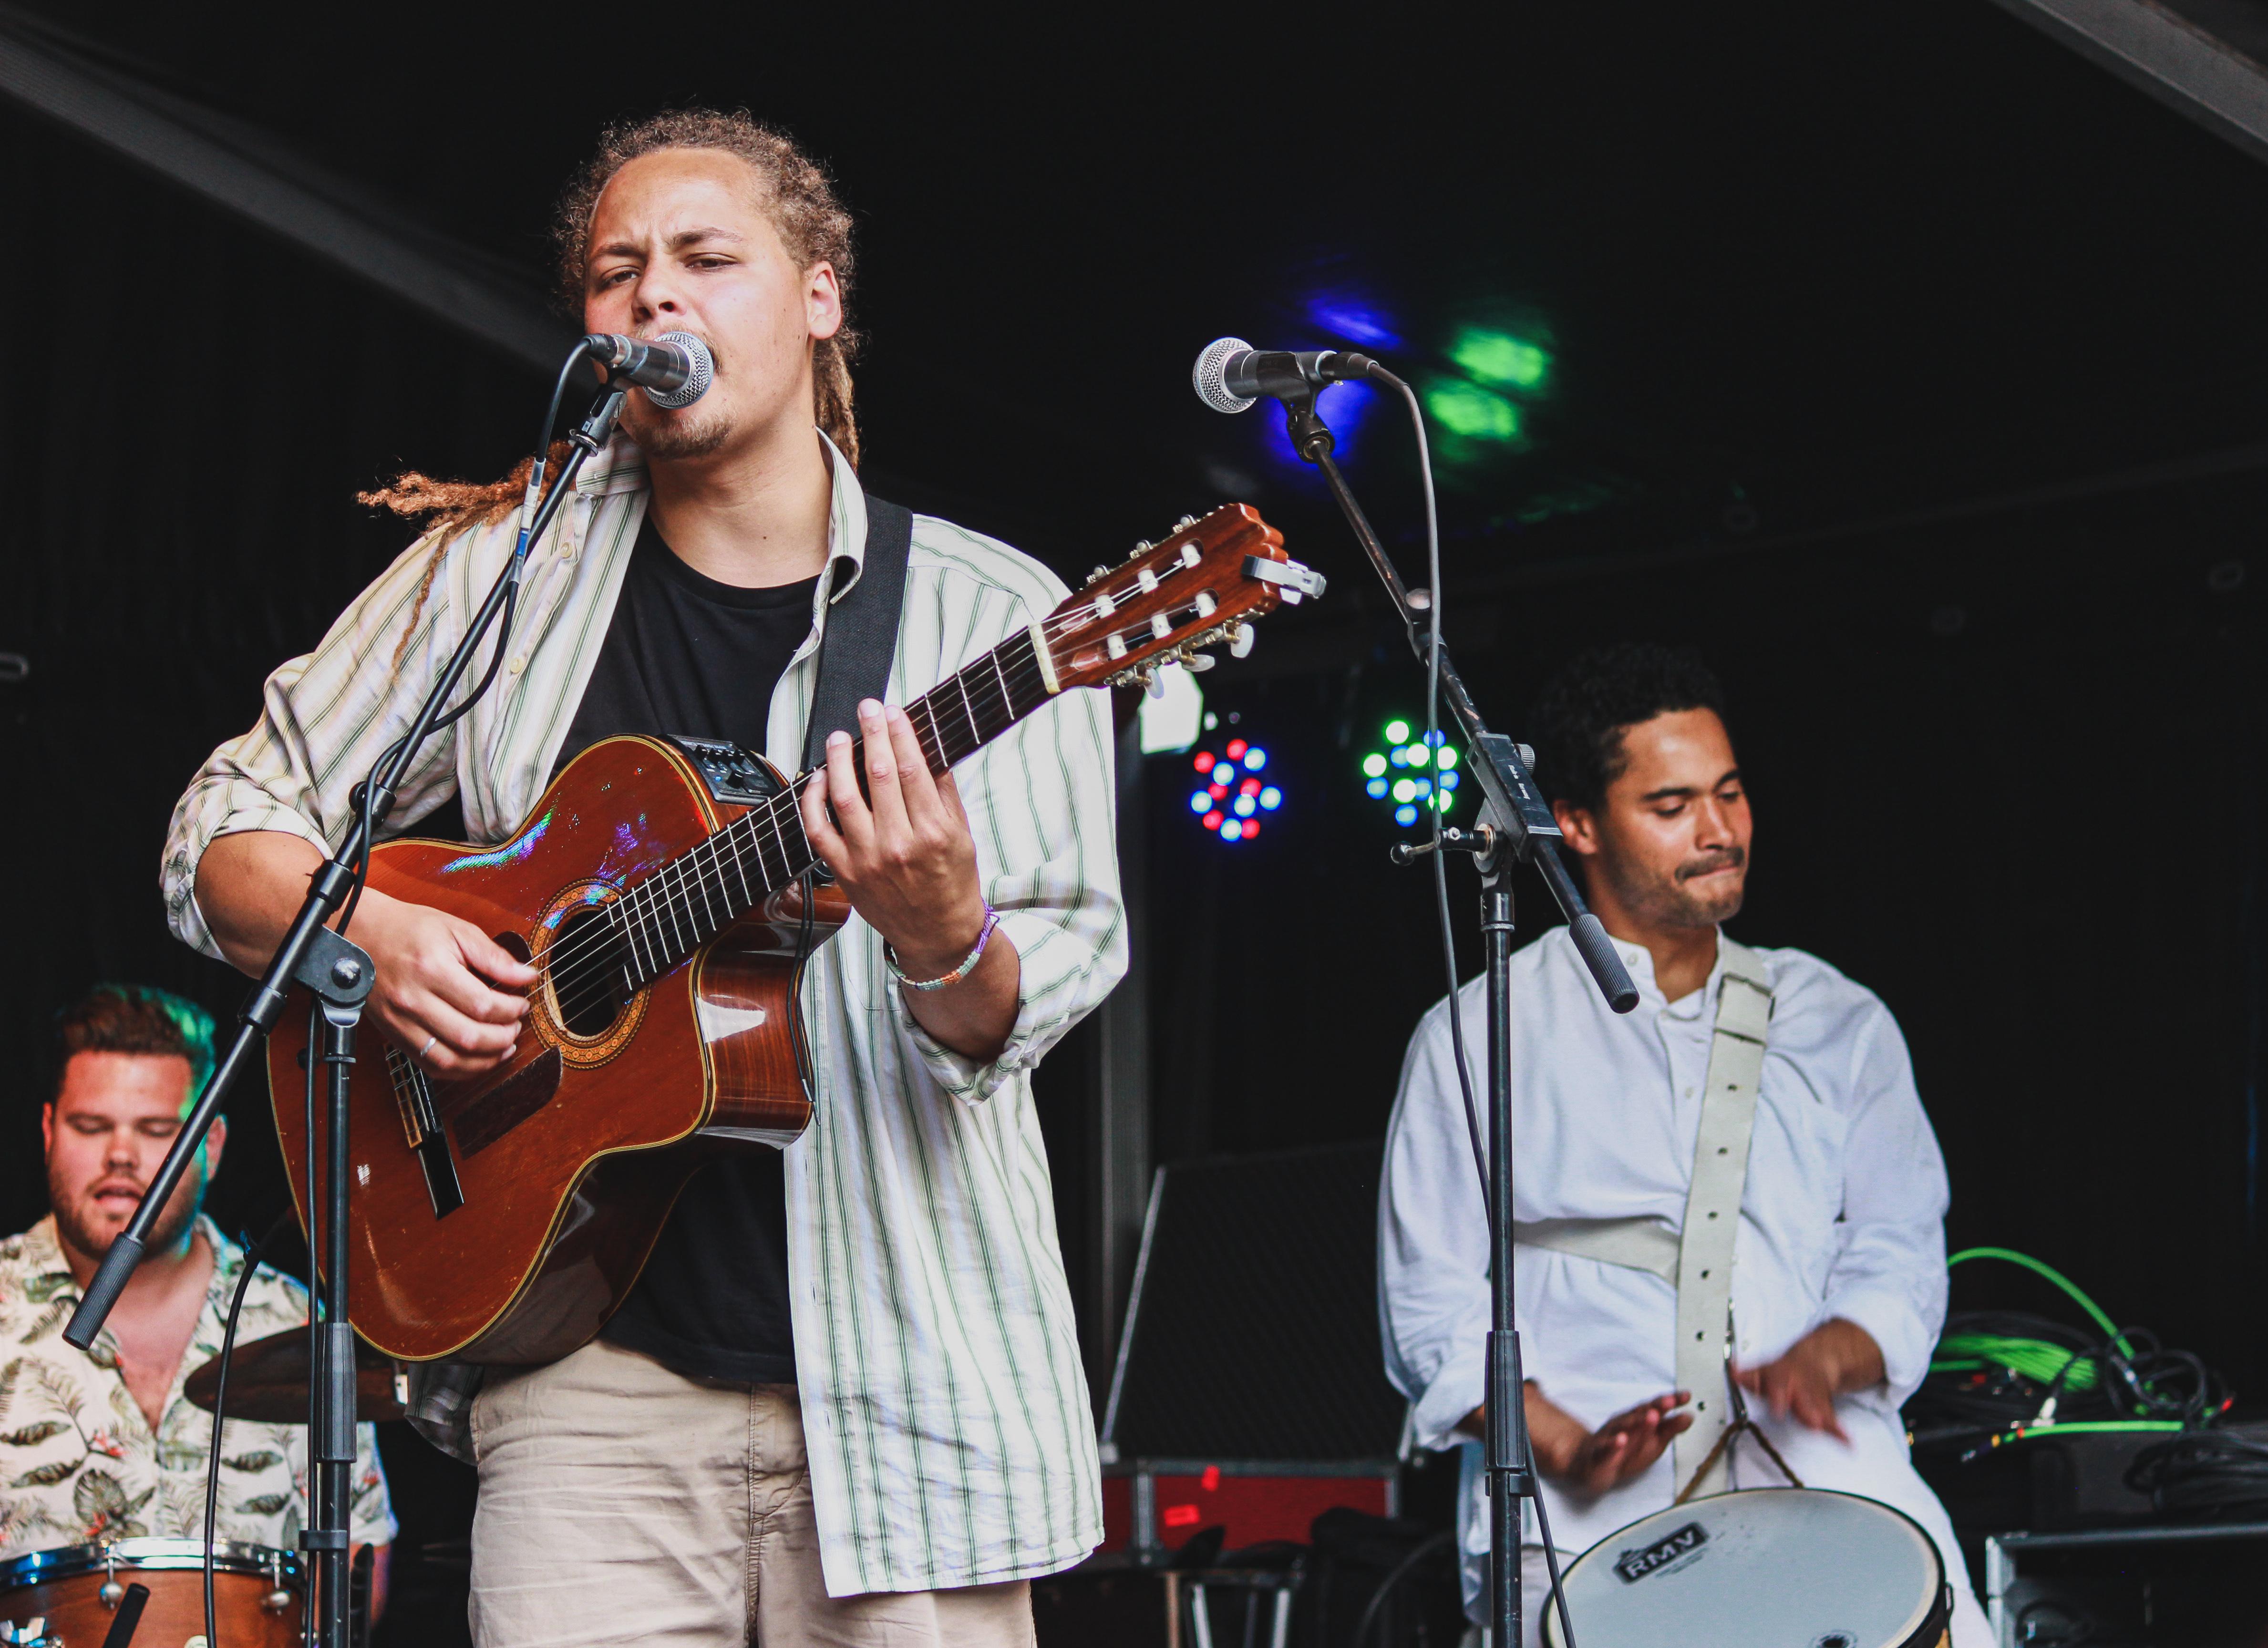 Aarhus Jazz Festival 2019